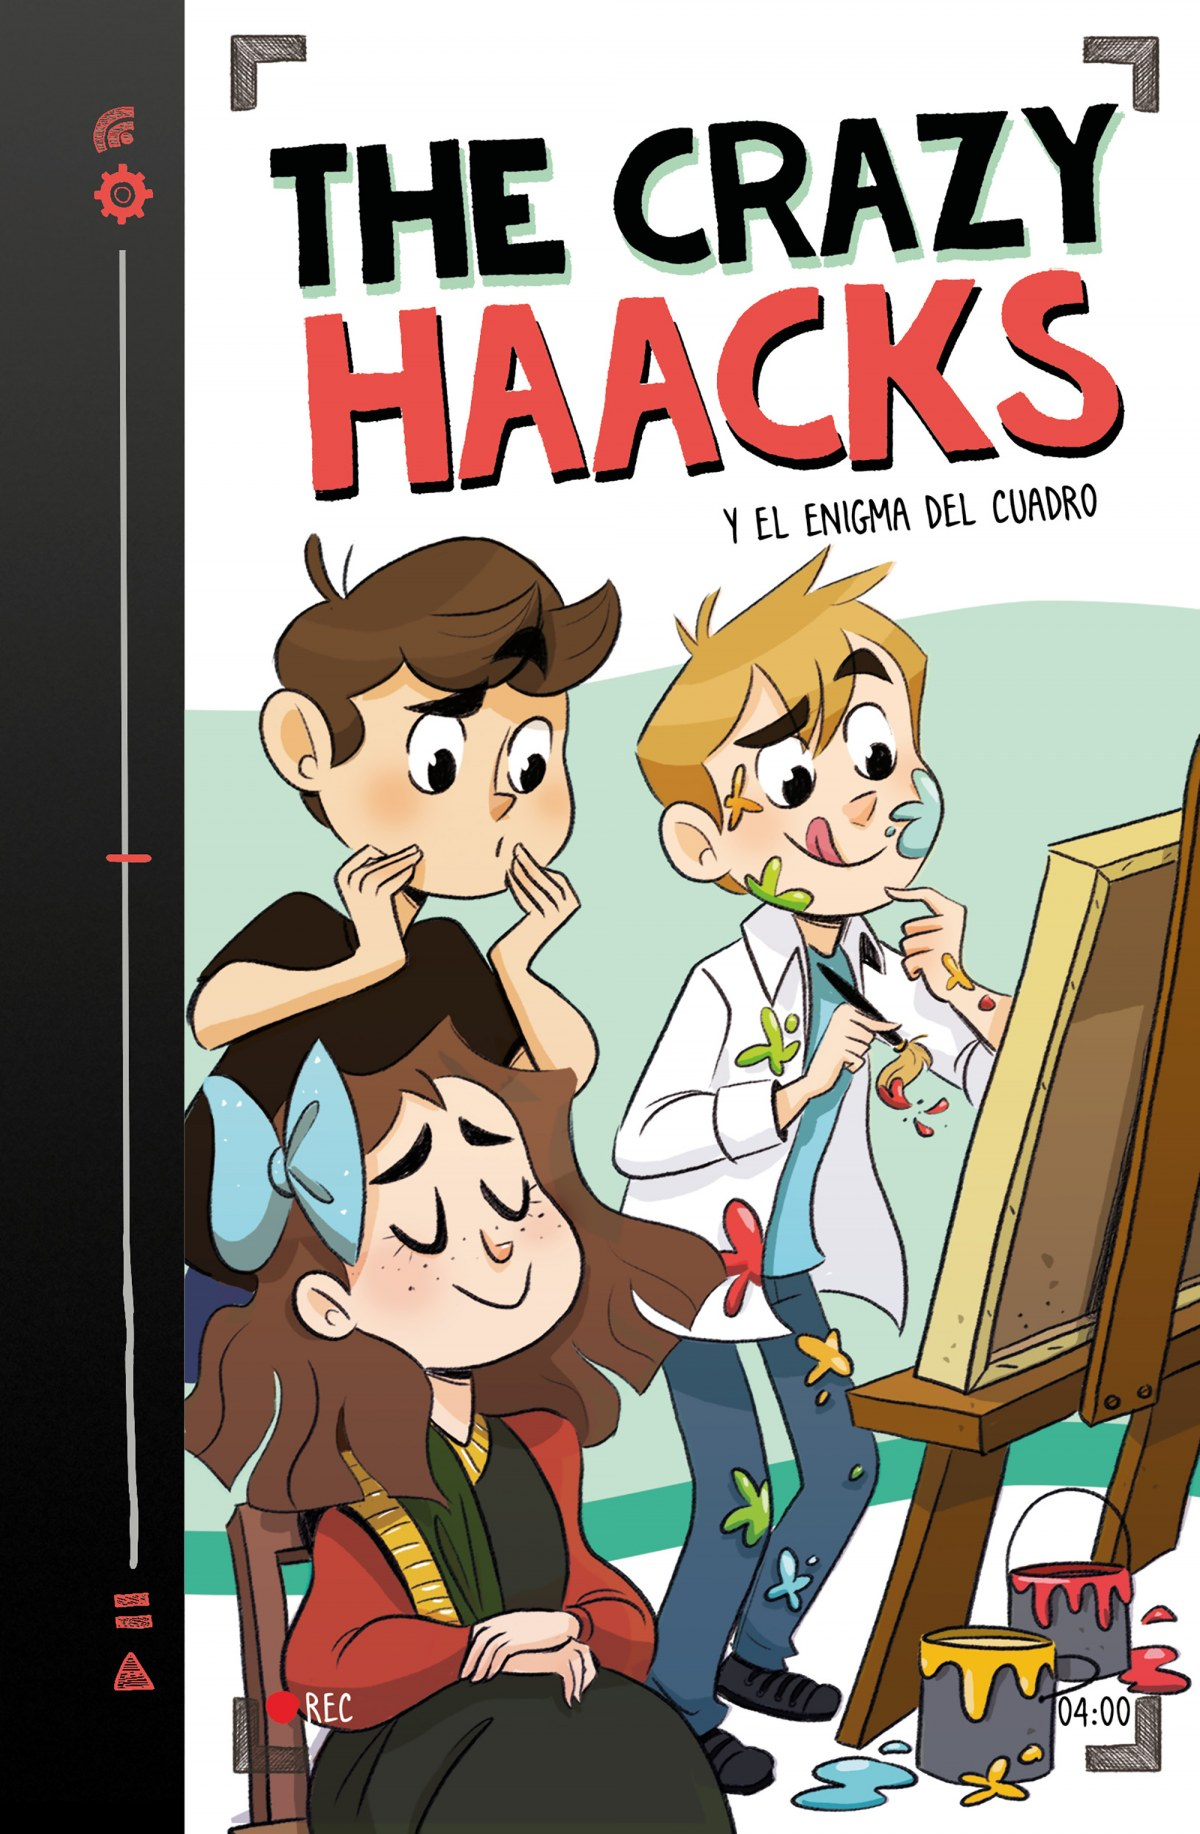 THE CRAZY HAACKS Y EL ENIGMA DEL CUADRO 9788417460884